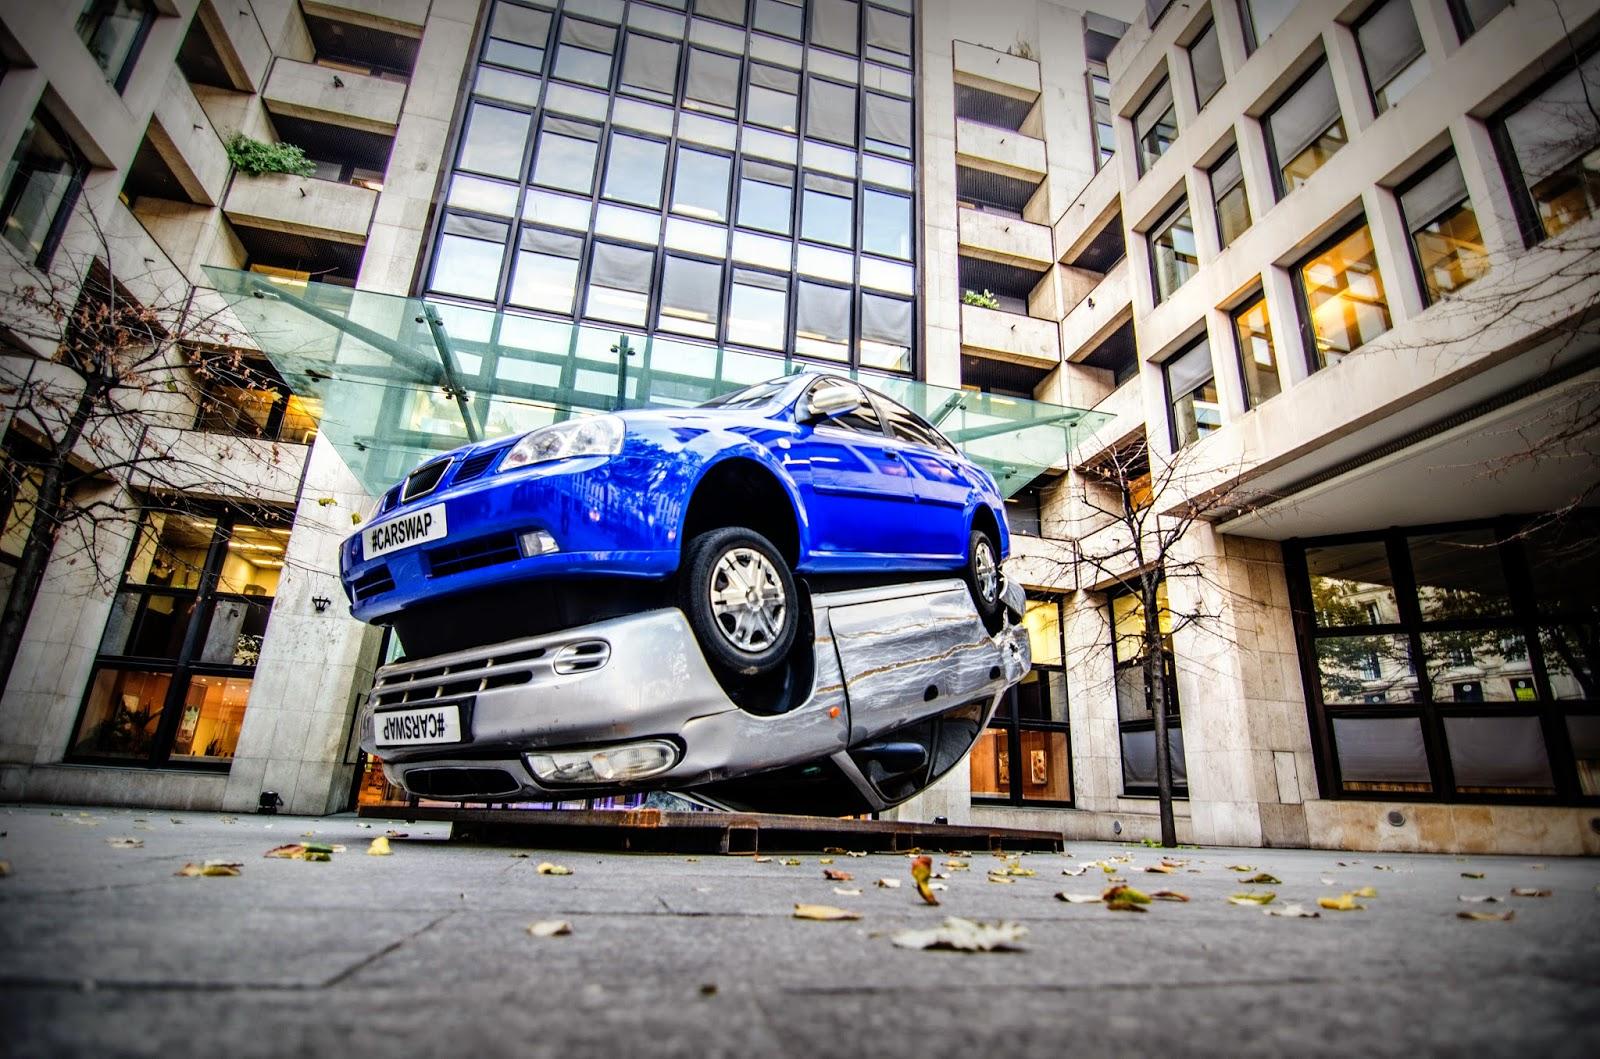 Allianz, carswap, assurance auto, remplacement voiture, accident